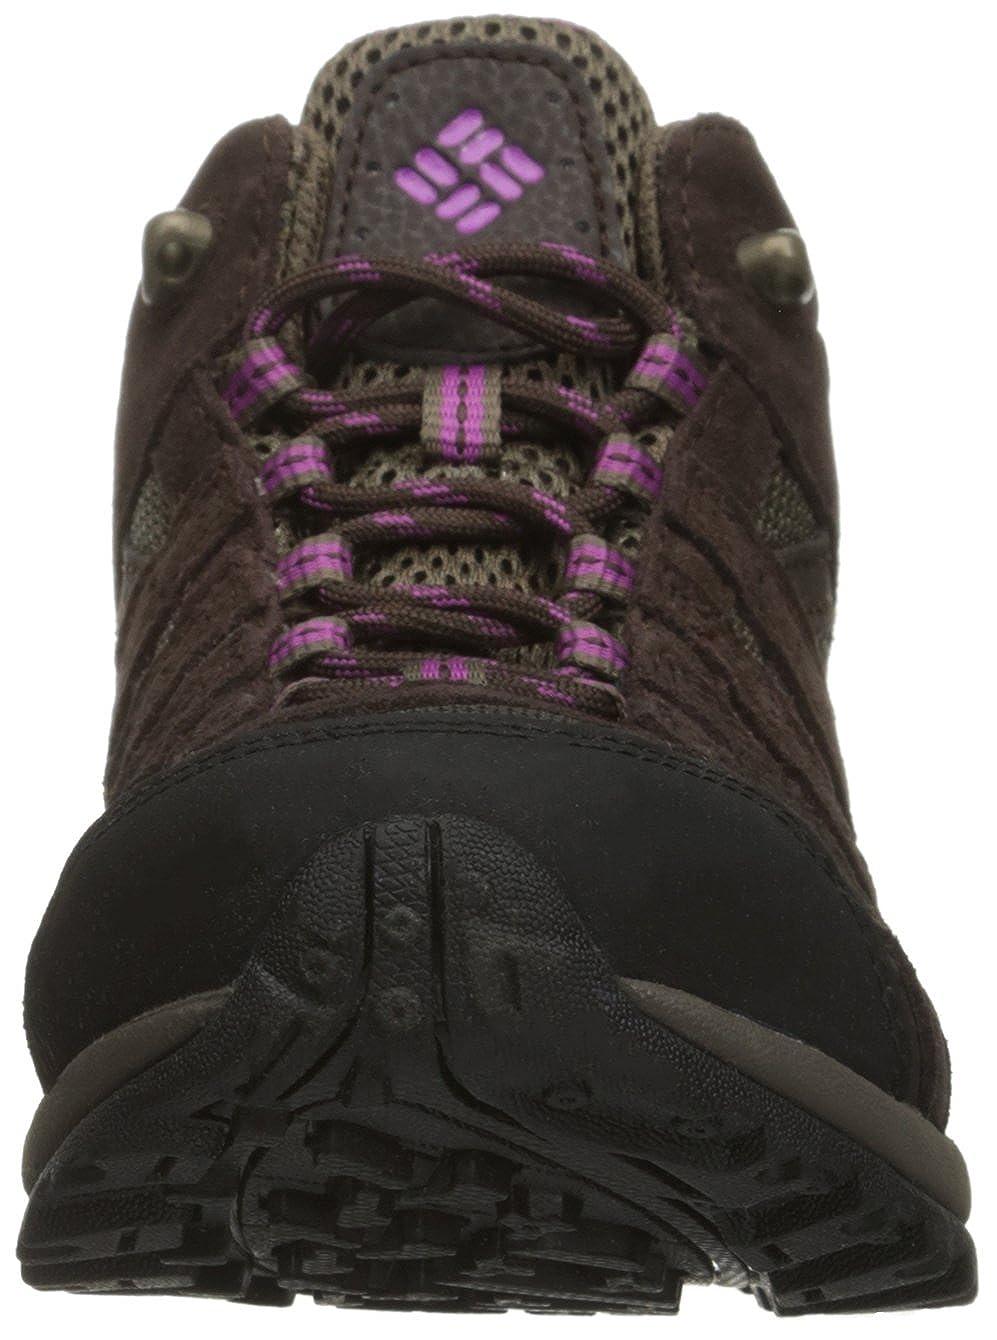 Columbia Redmond ée Mid, Chaussures de Ran ée Redmond Hautes FemmeB0183PEV6WParent cc4507